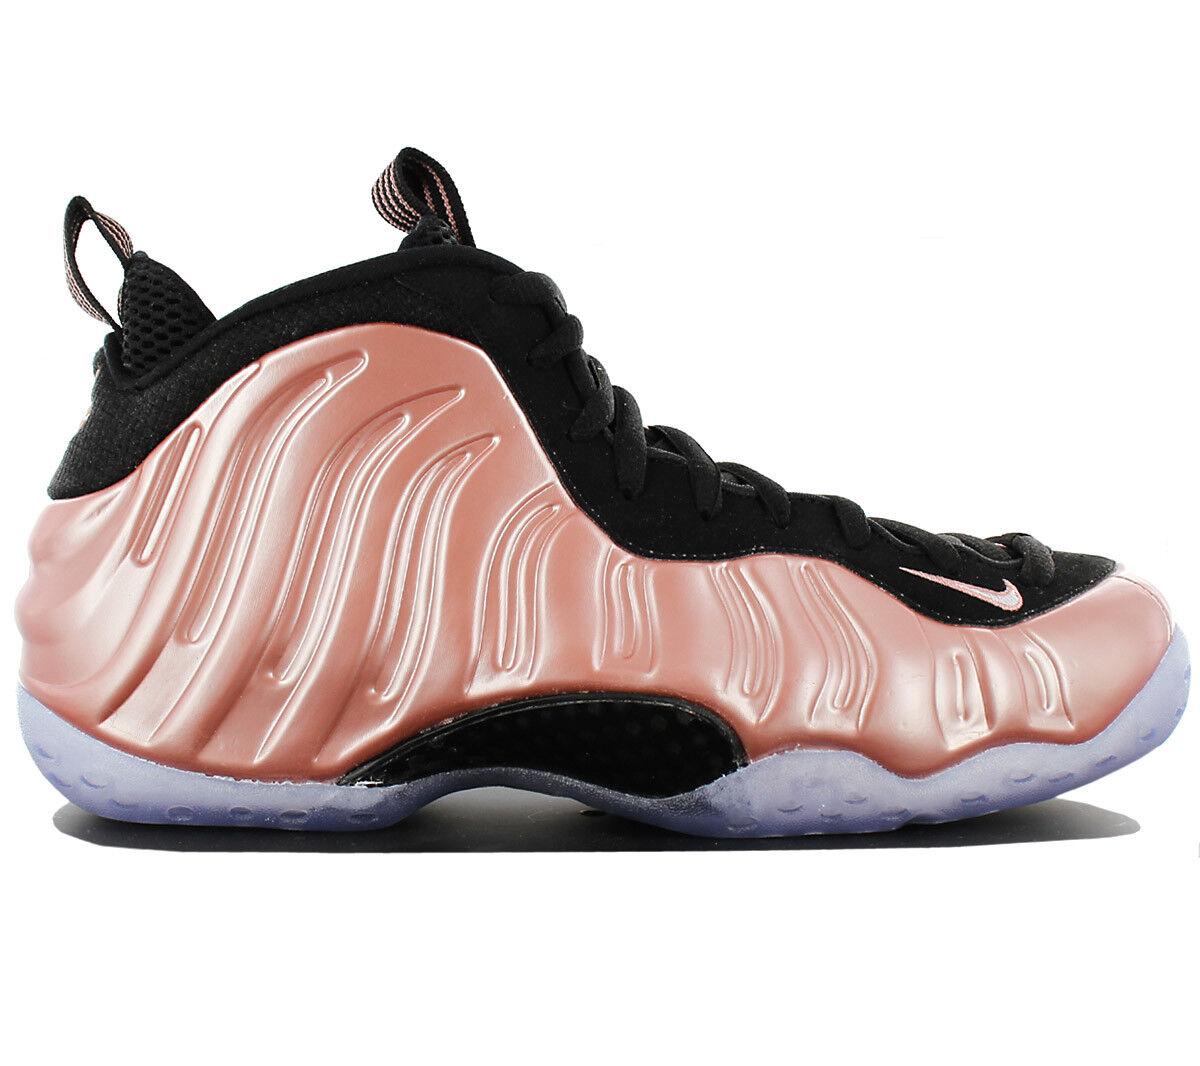 Nike Air Foamposite One Elemental Rose Herren Schuhe Basketballschuhe 314996-602